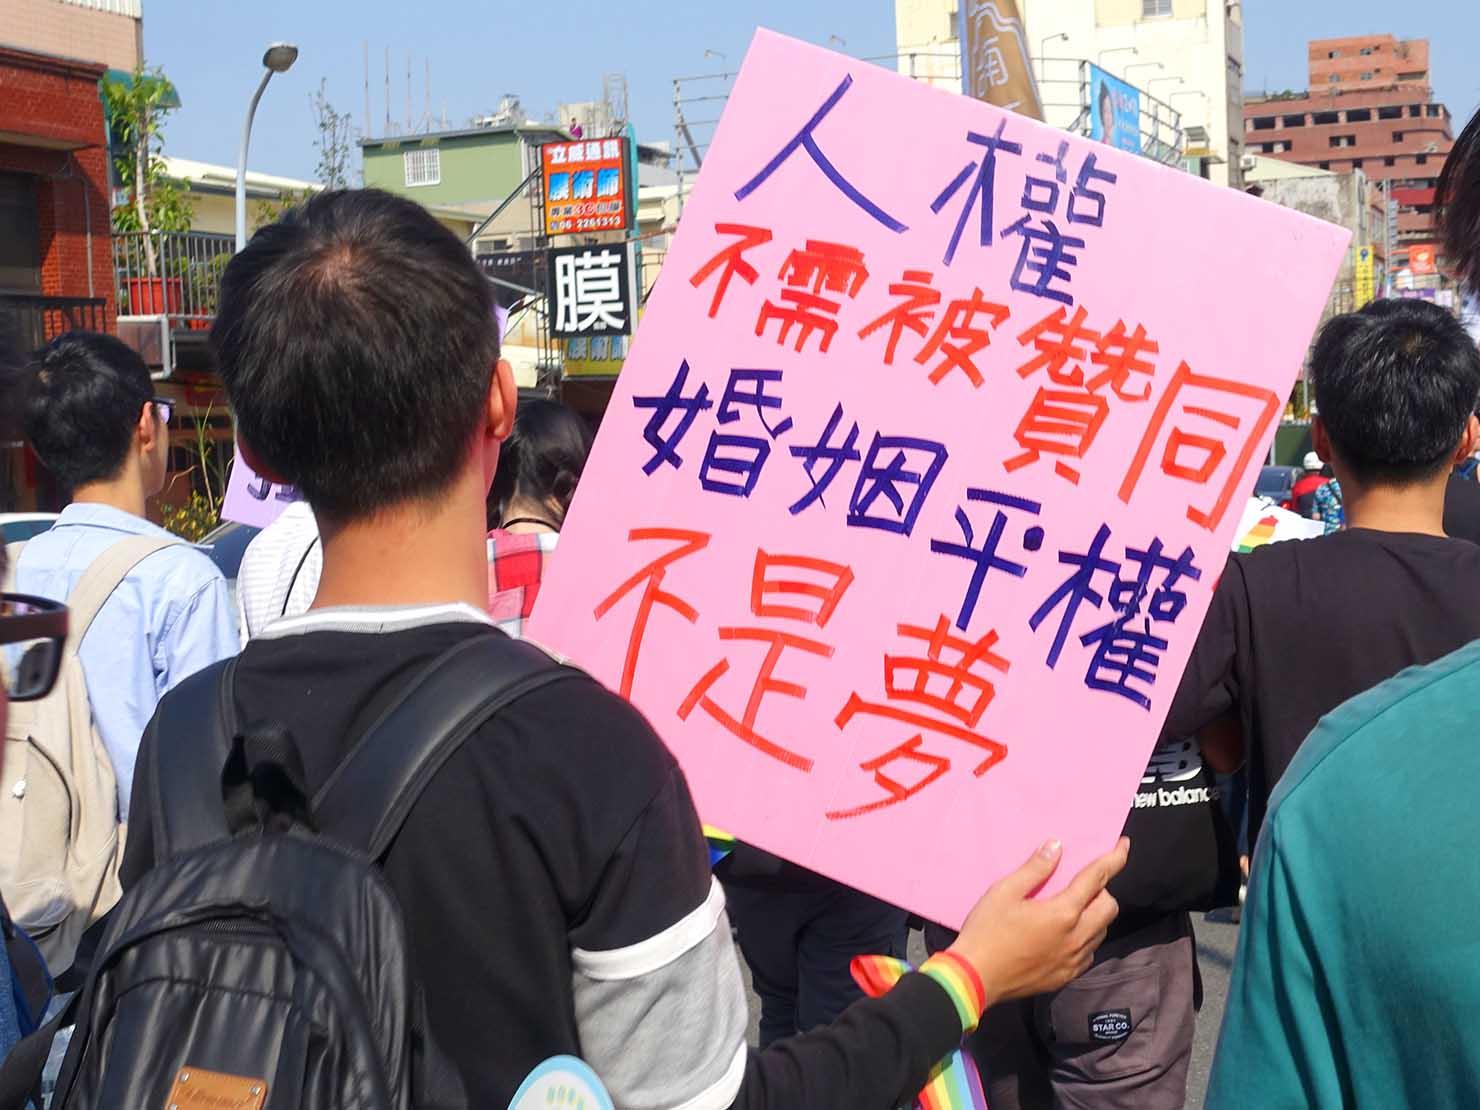 2018年台湾最初のLGBTプライド「台南彩虹遊行(台南レインボーパレード)」で婚姻平權を訴える参加者